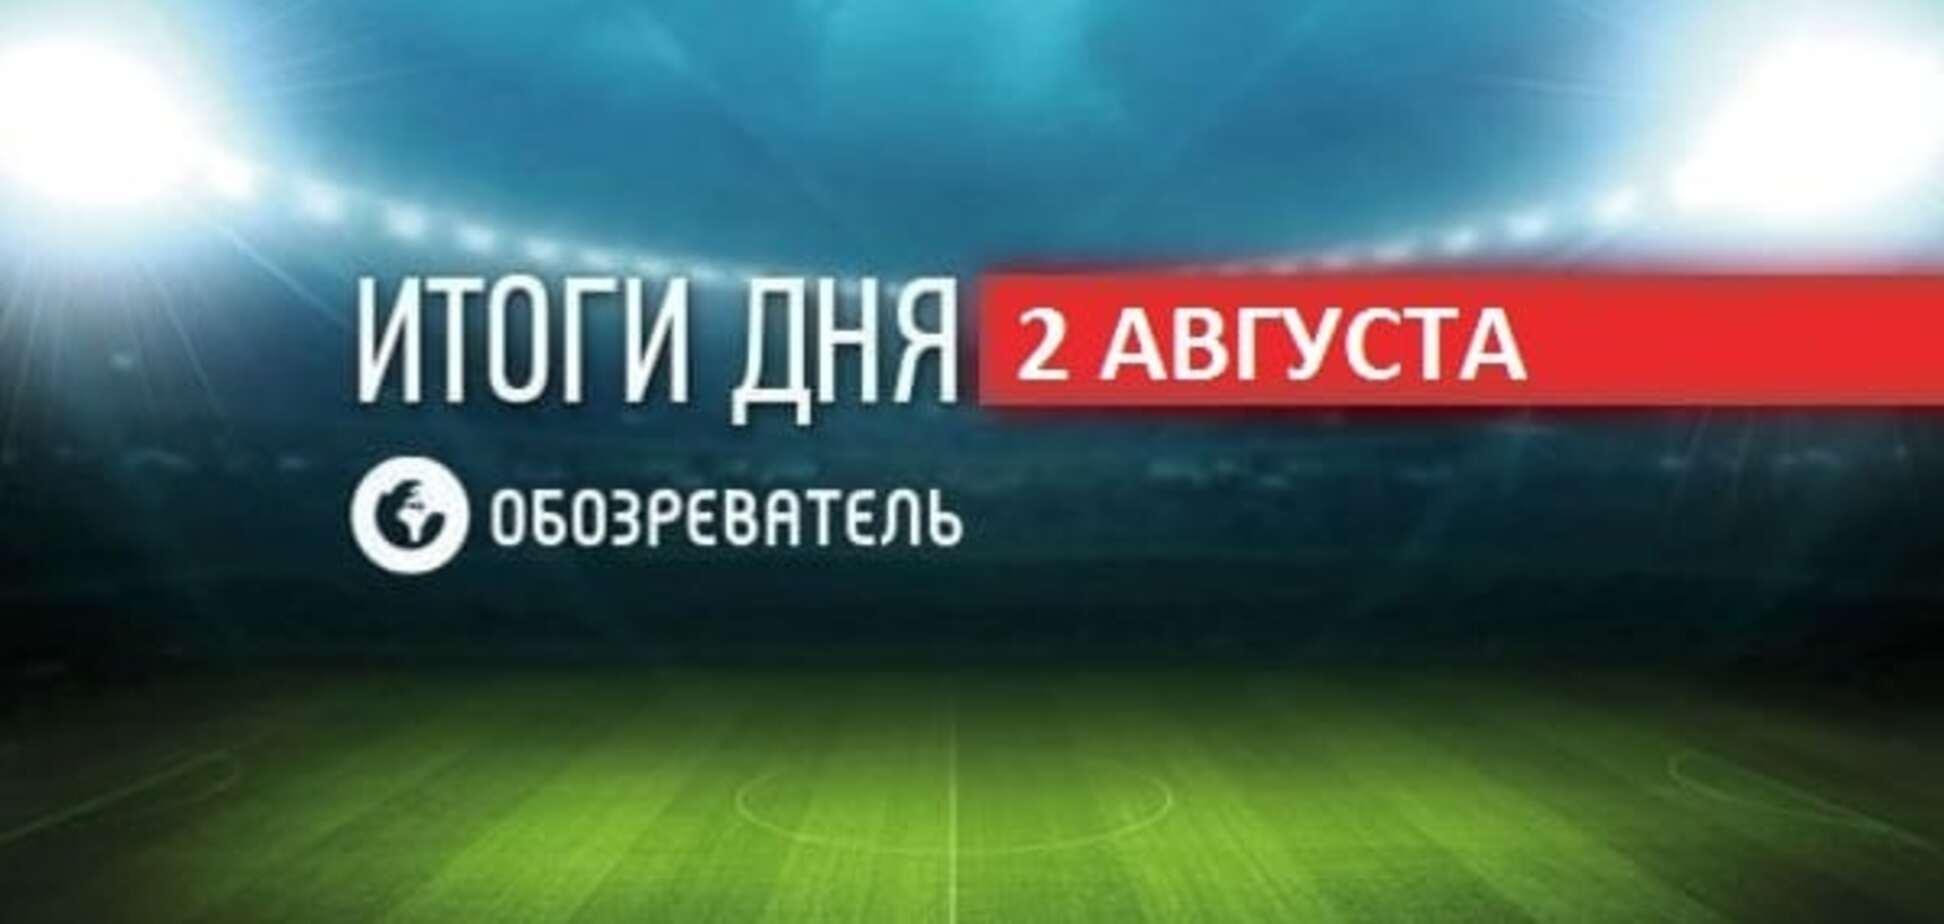 Украинец выиграл шахматный турнир в России. Спортивные итоги 2 августа